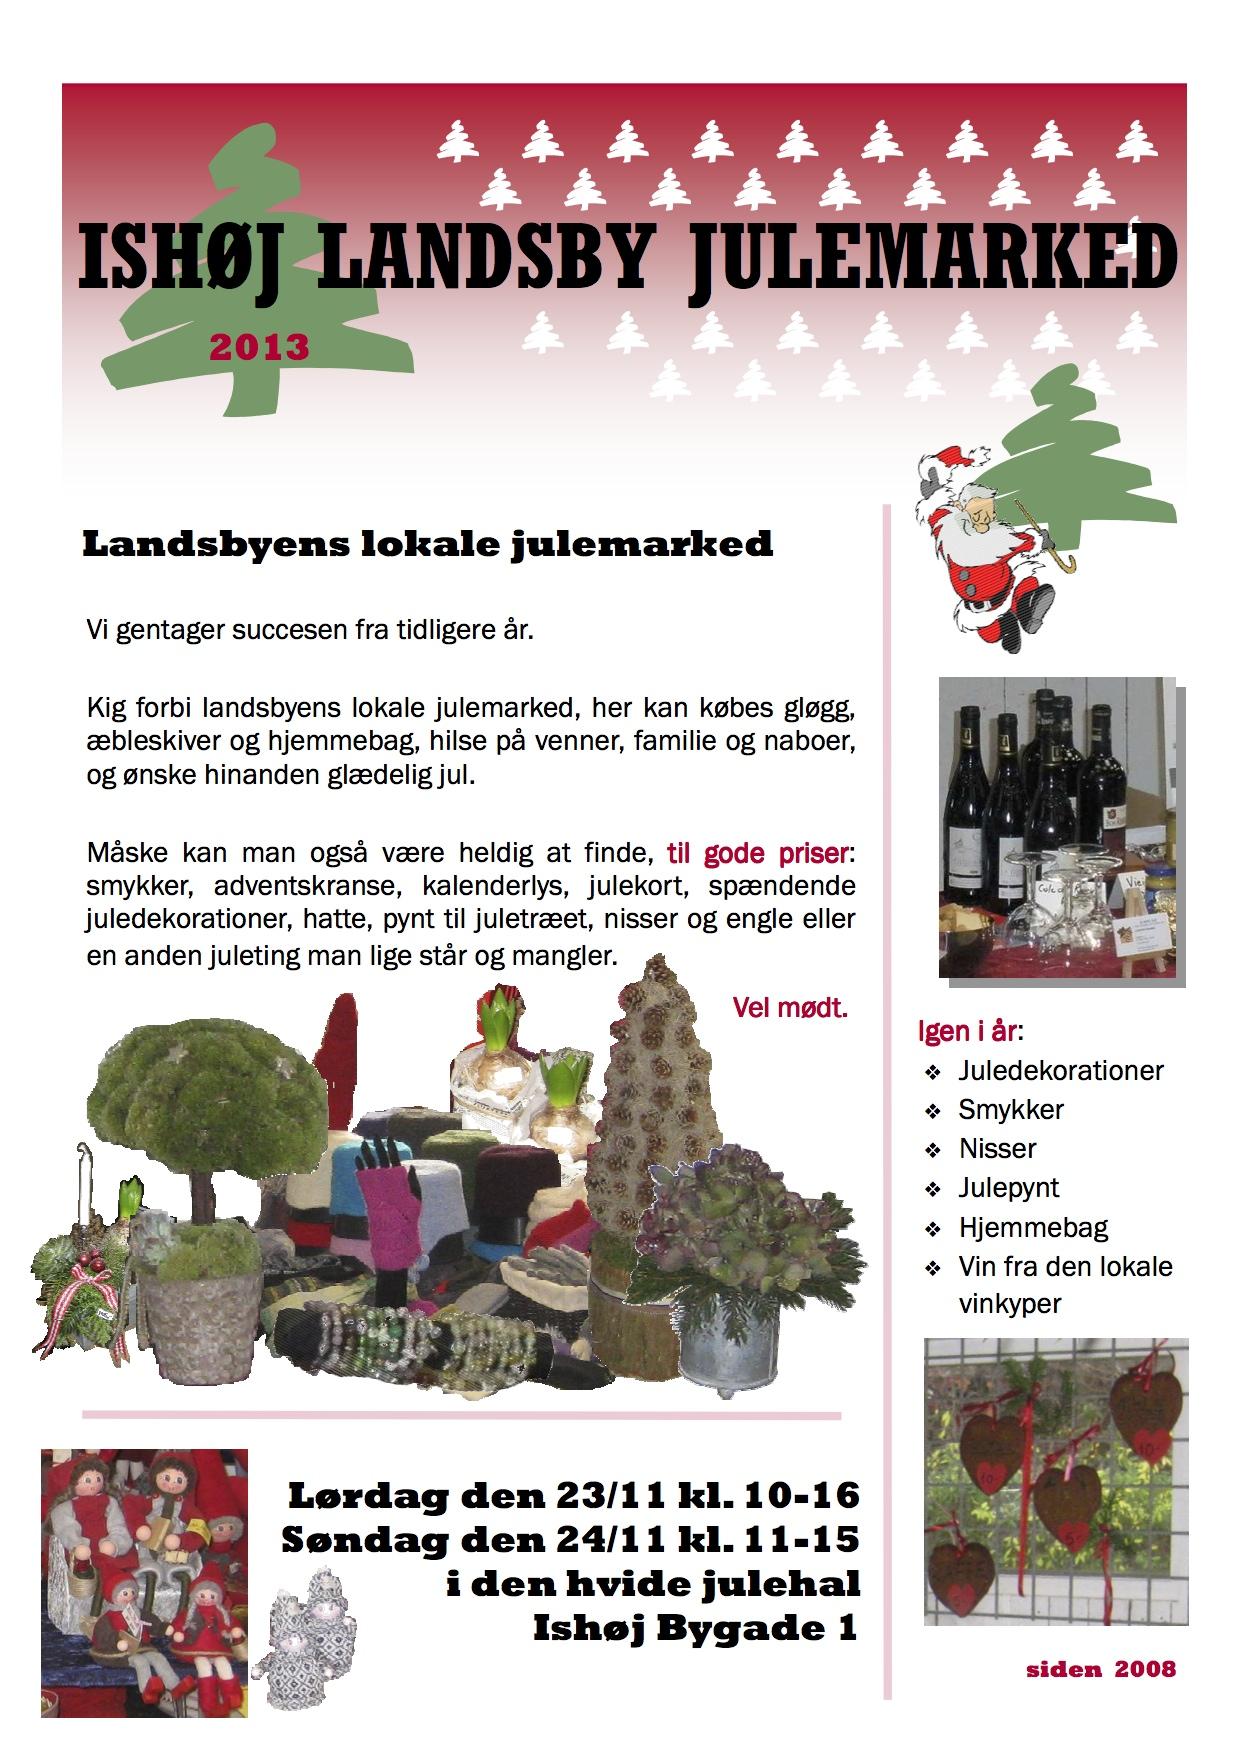 Julemarked i Ishøj Landsby